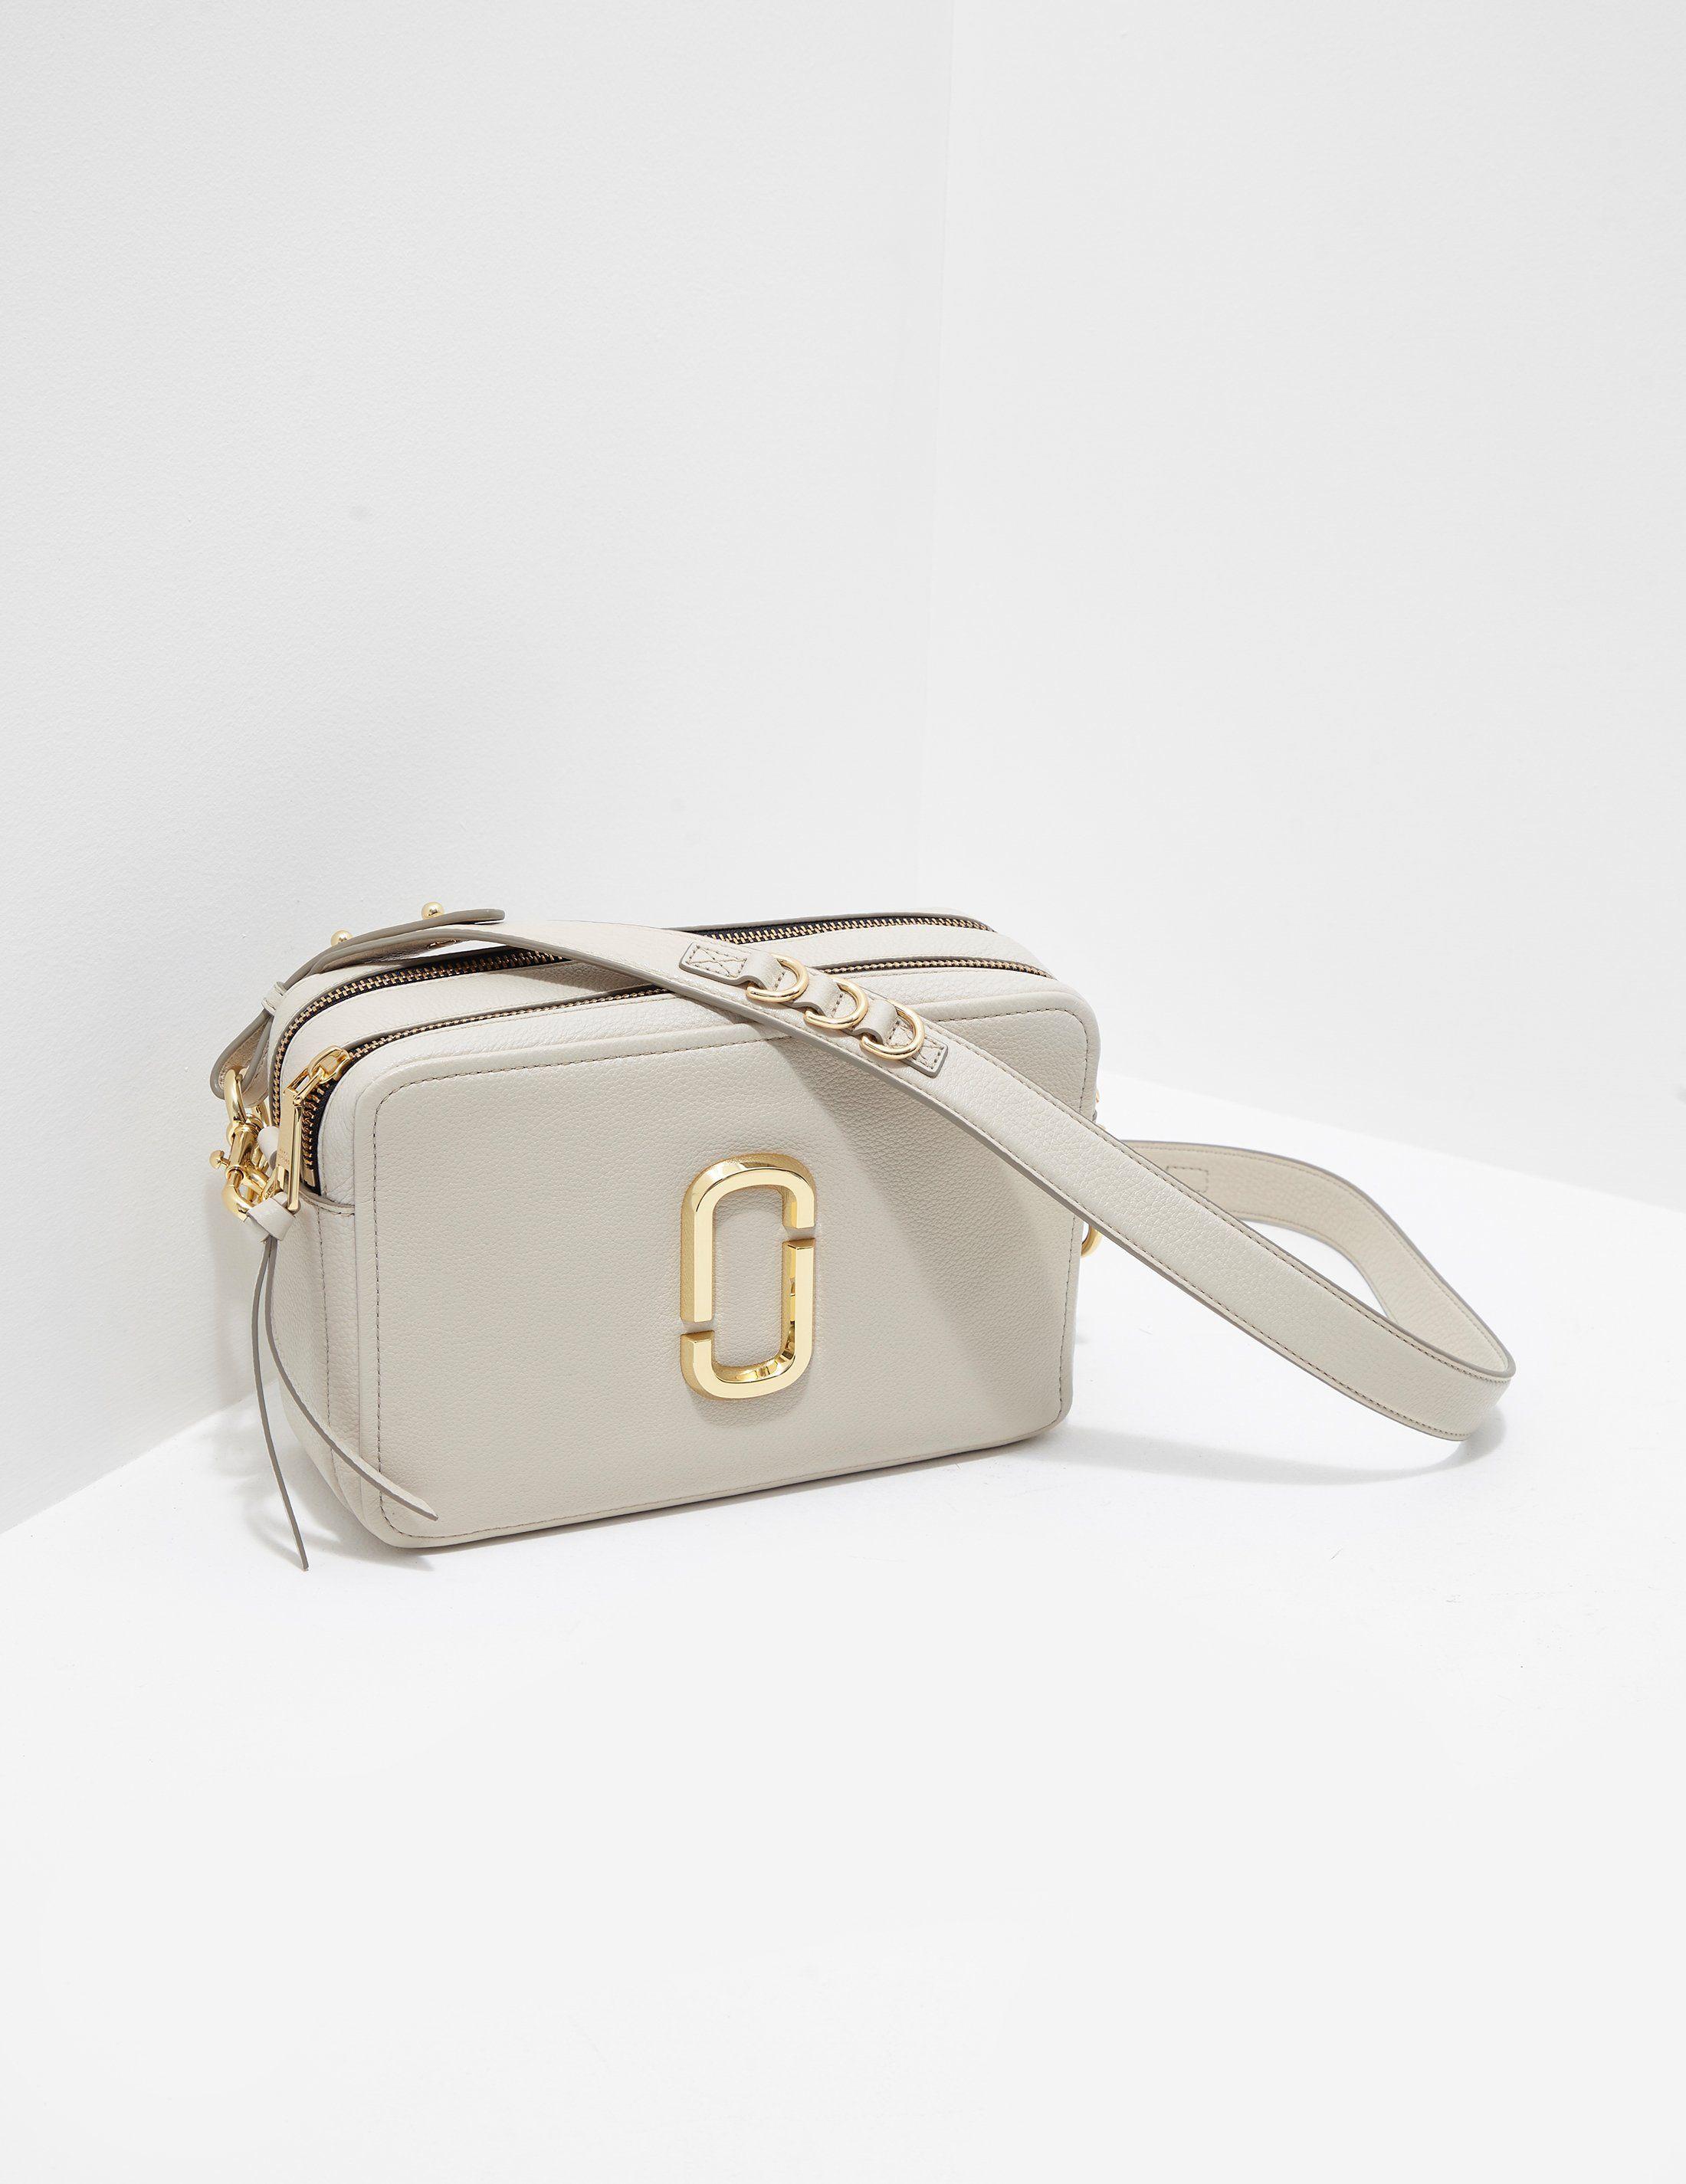 Marc Jacobs Snapshot 27 Shoulder Bag